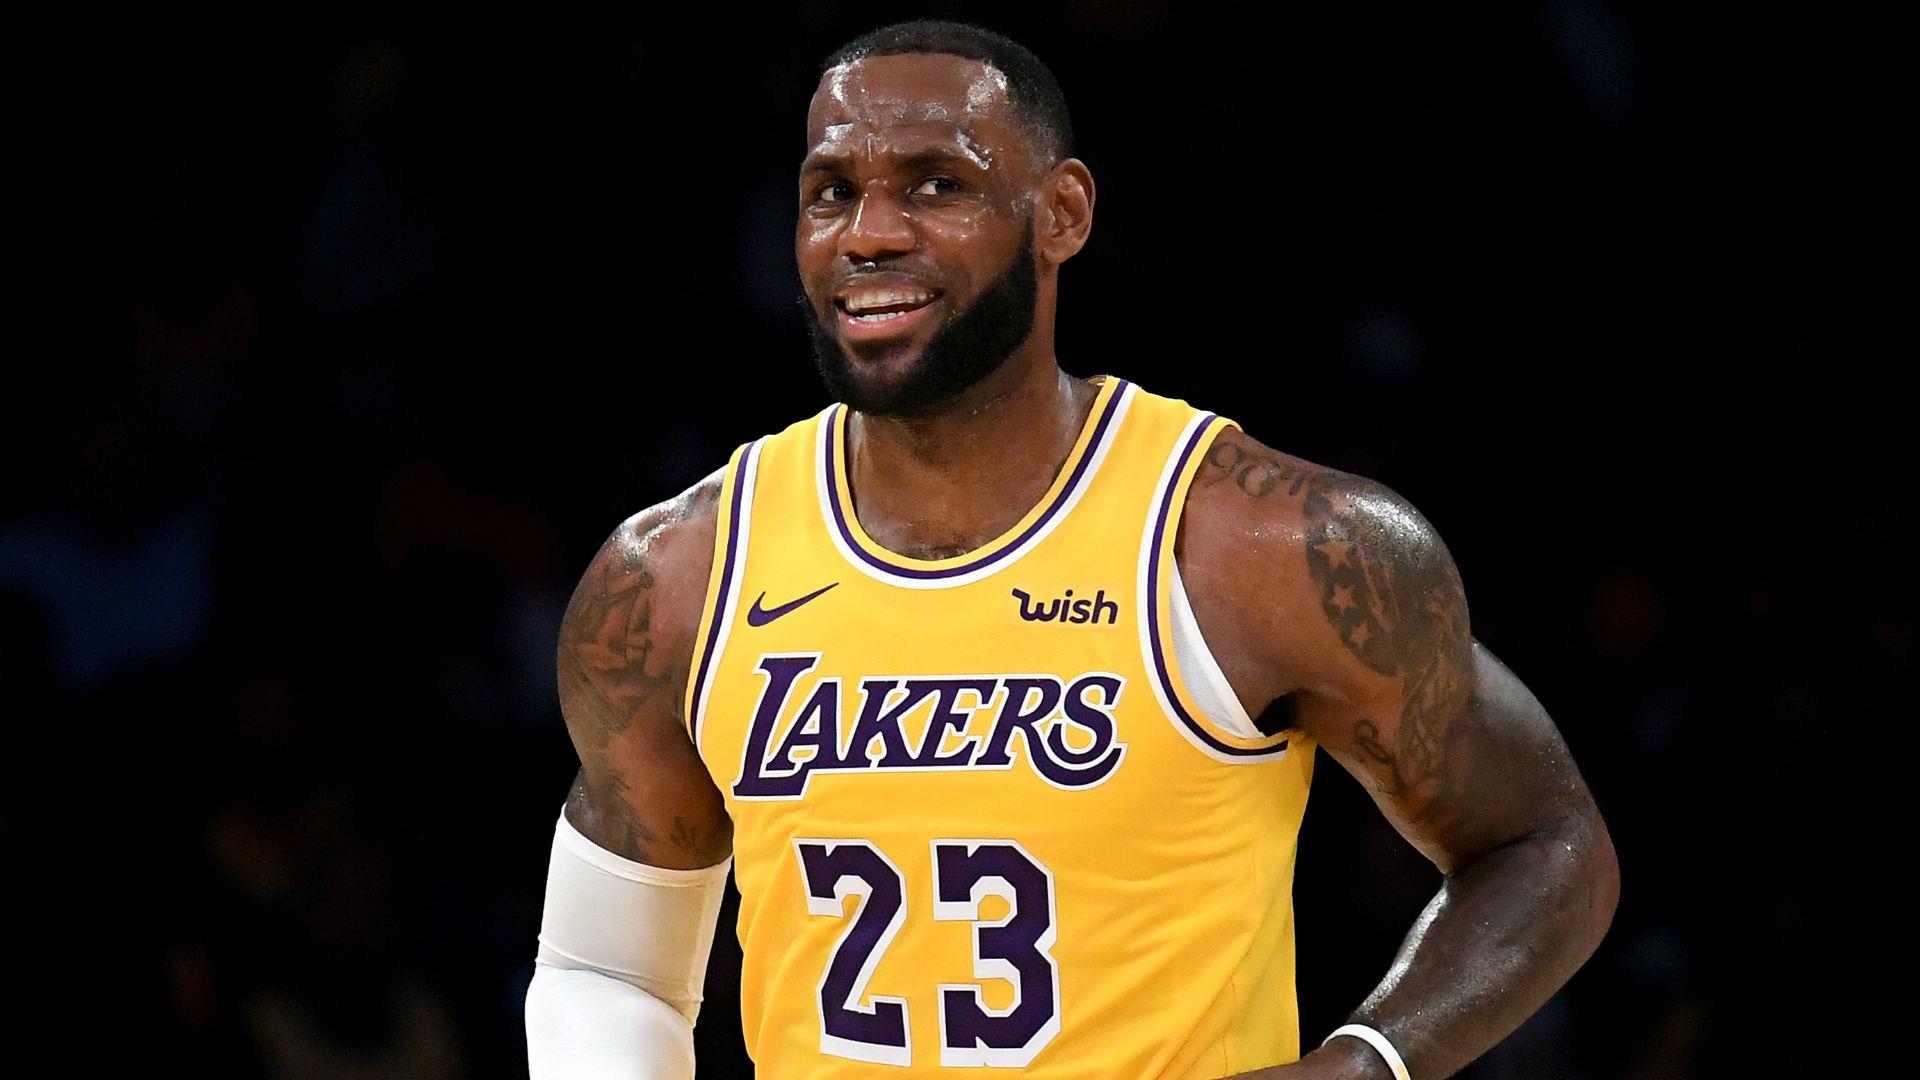 Kolik týmů NBA dokážete vyjmenovat?